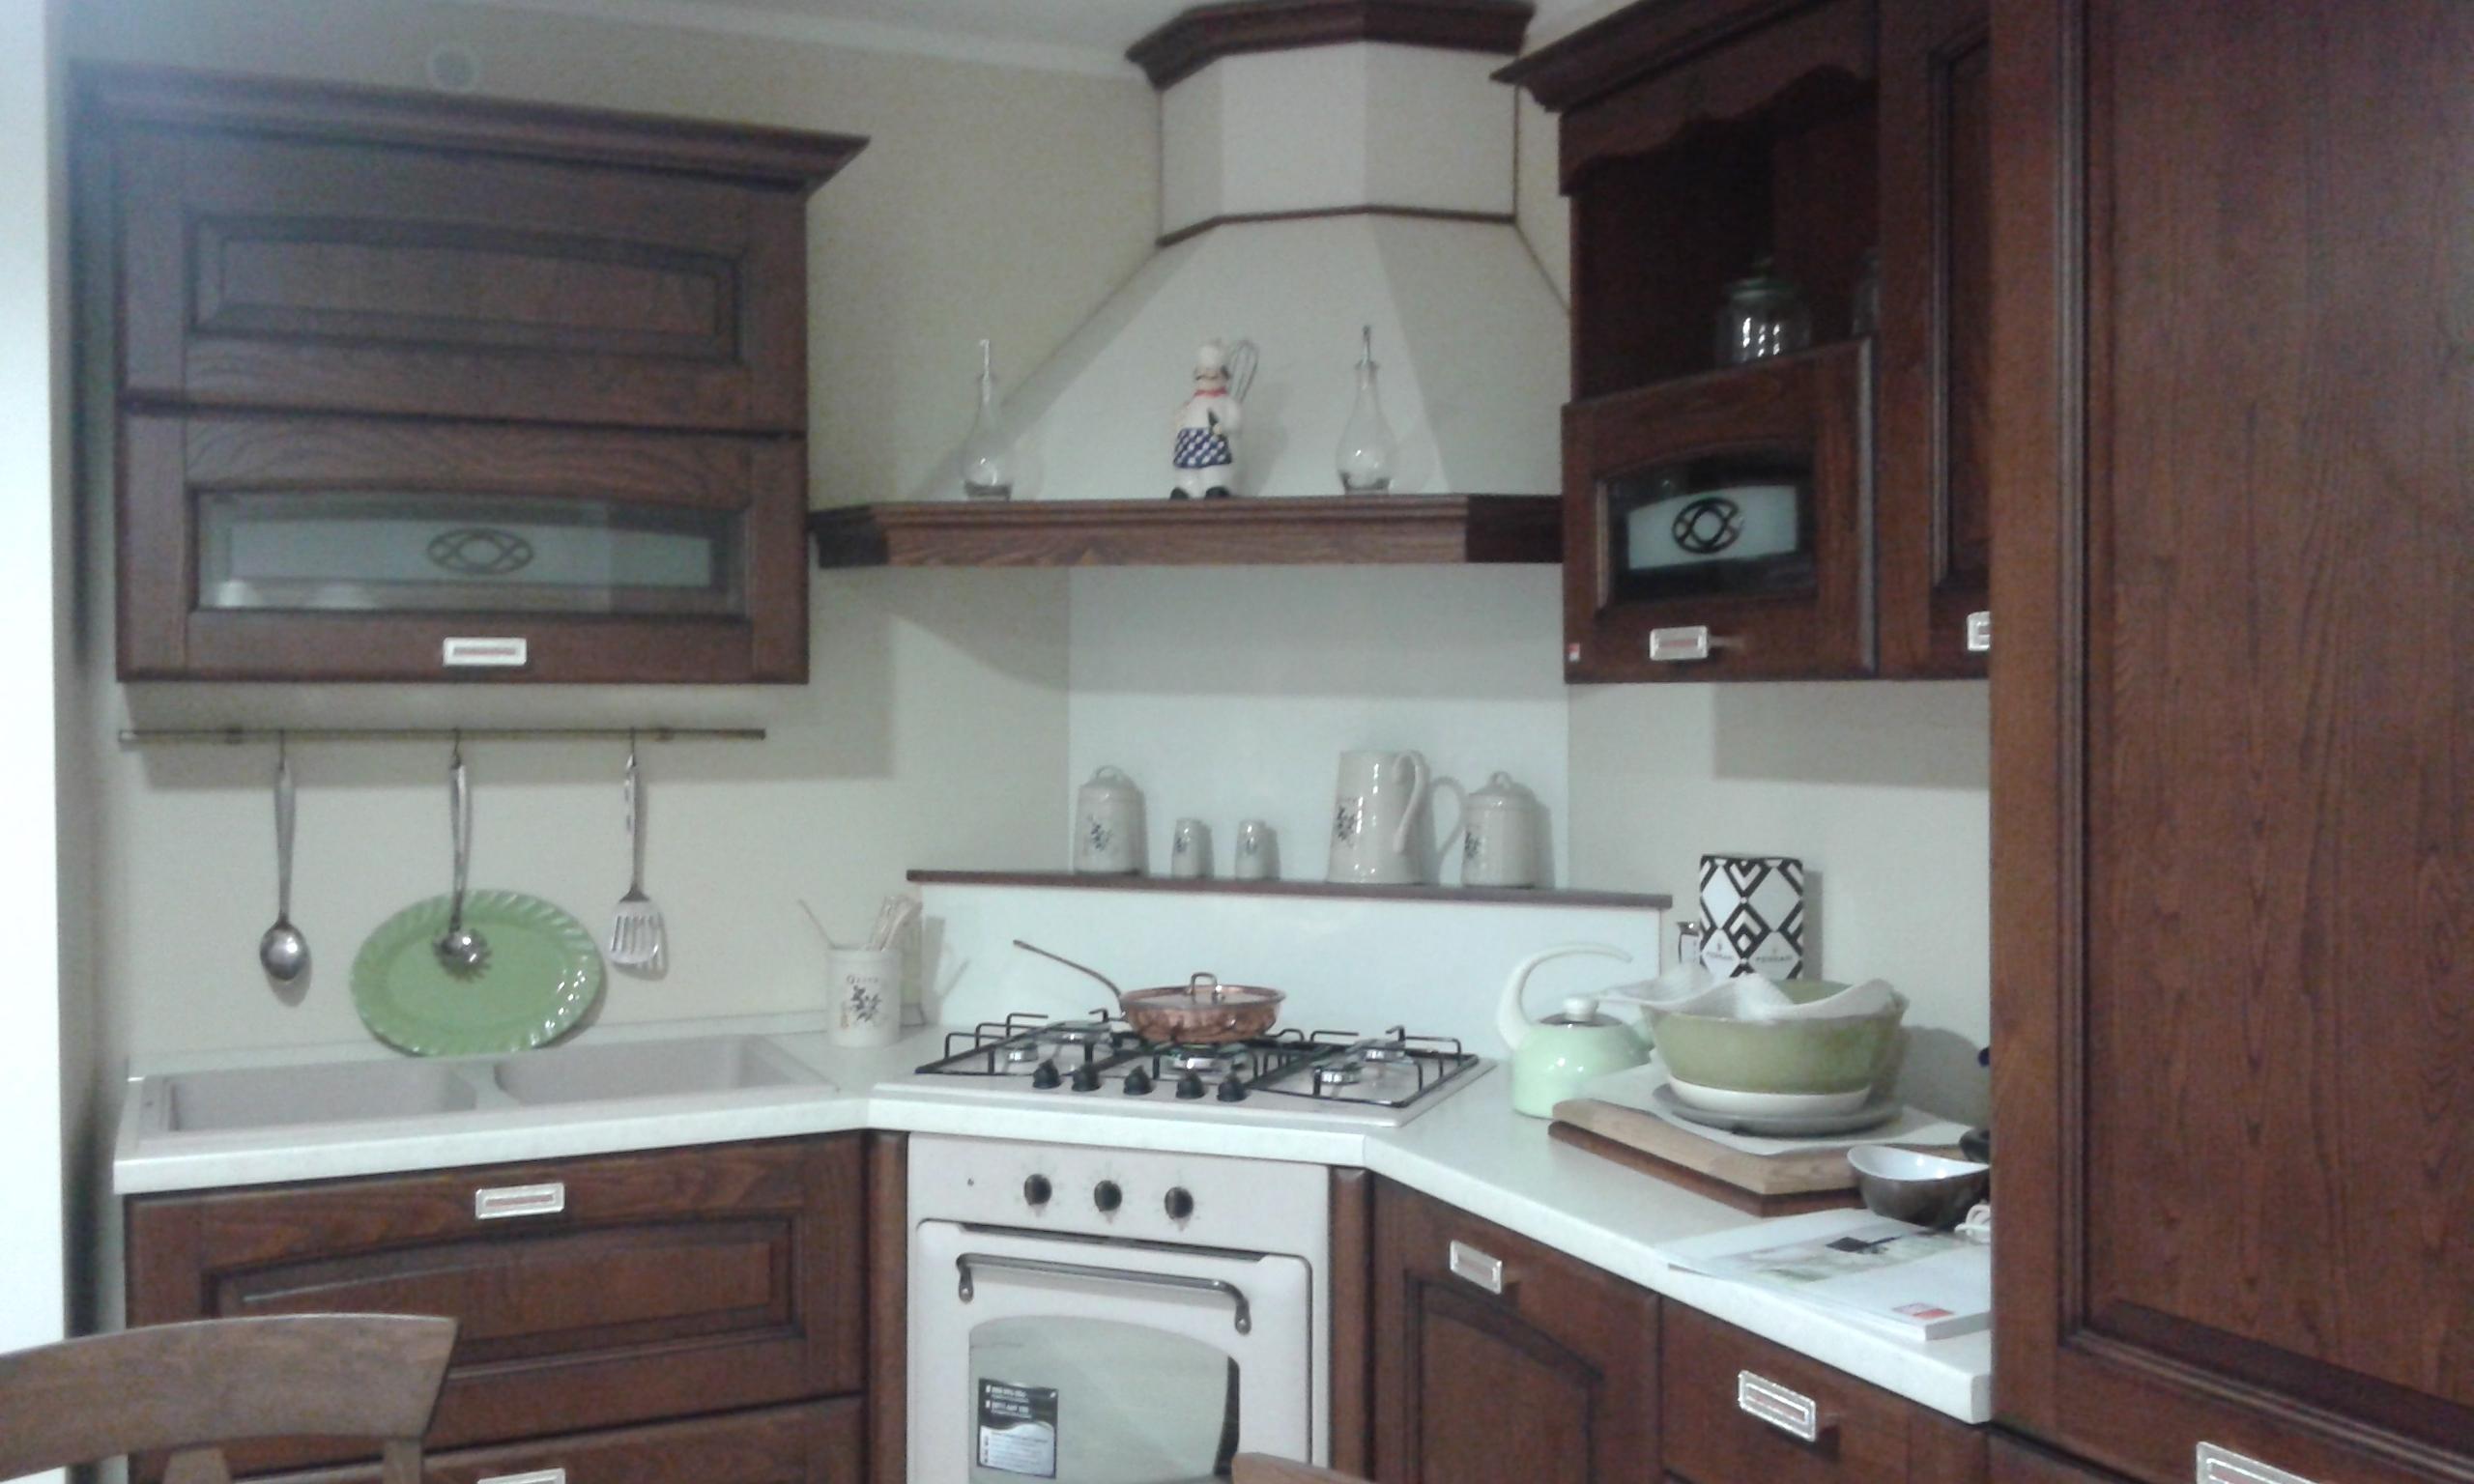 Stunning cucina lube veronica prezzo contemporary home for Lube cucine prezzi